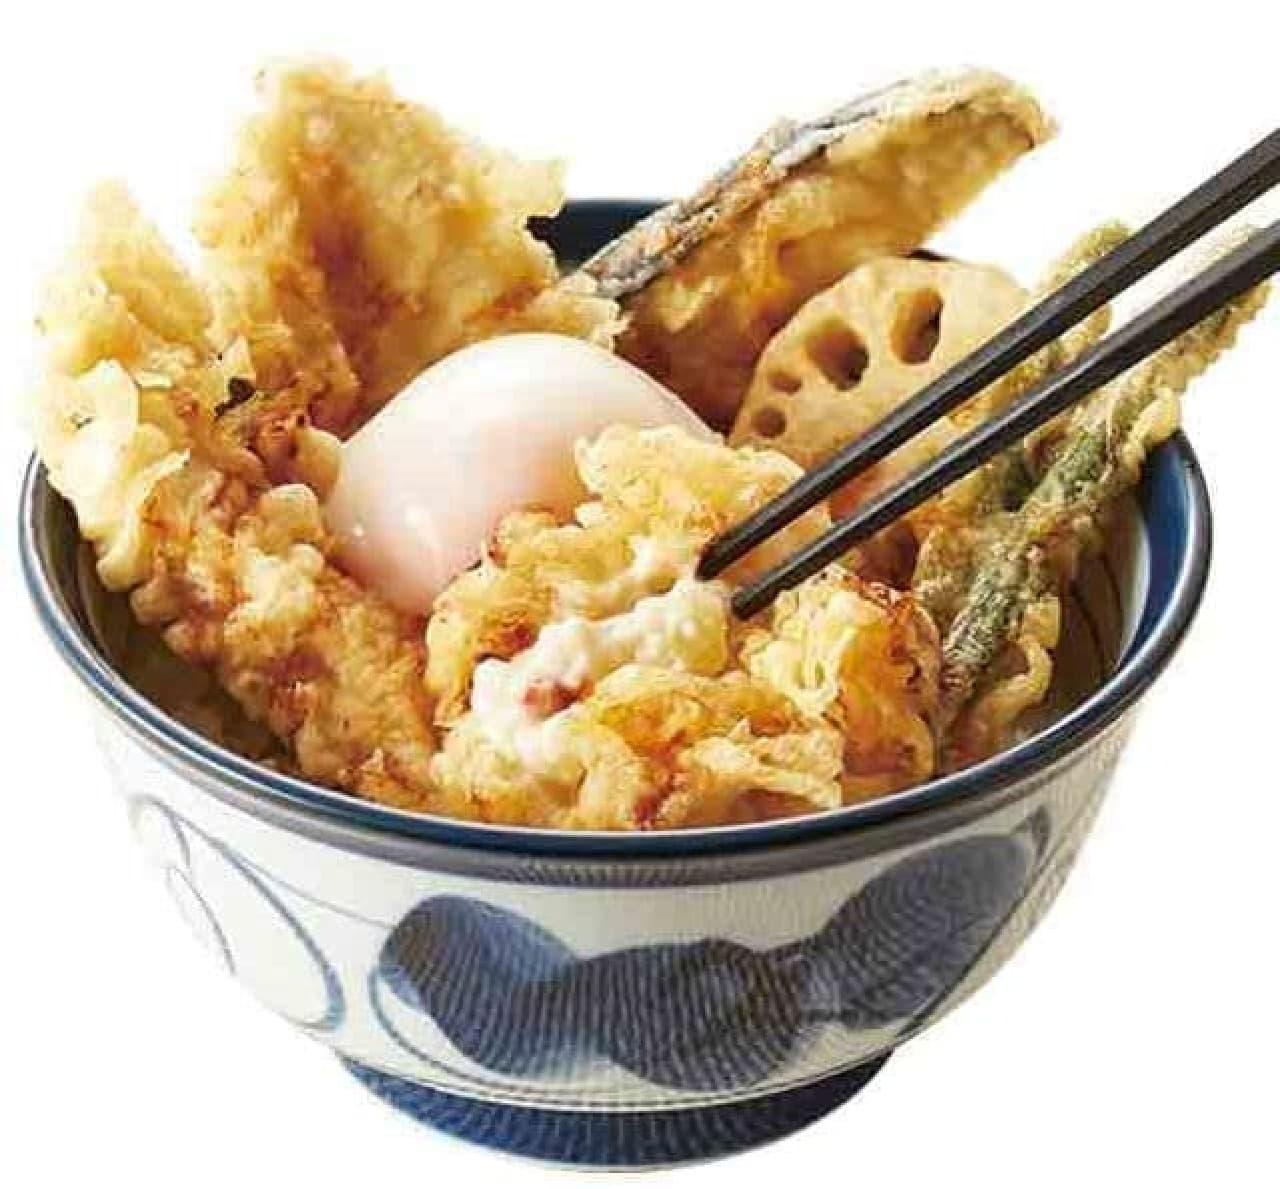 てんやの季節限定メニュー『播州赤どり天丼』